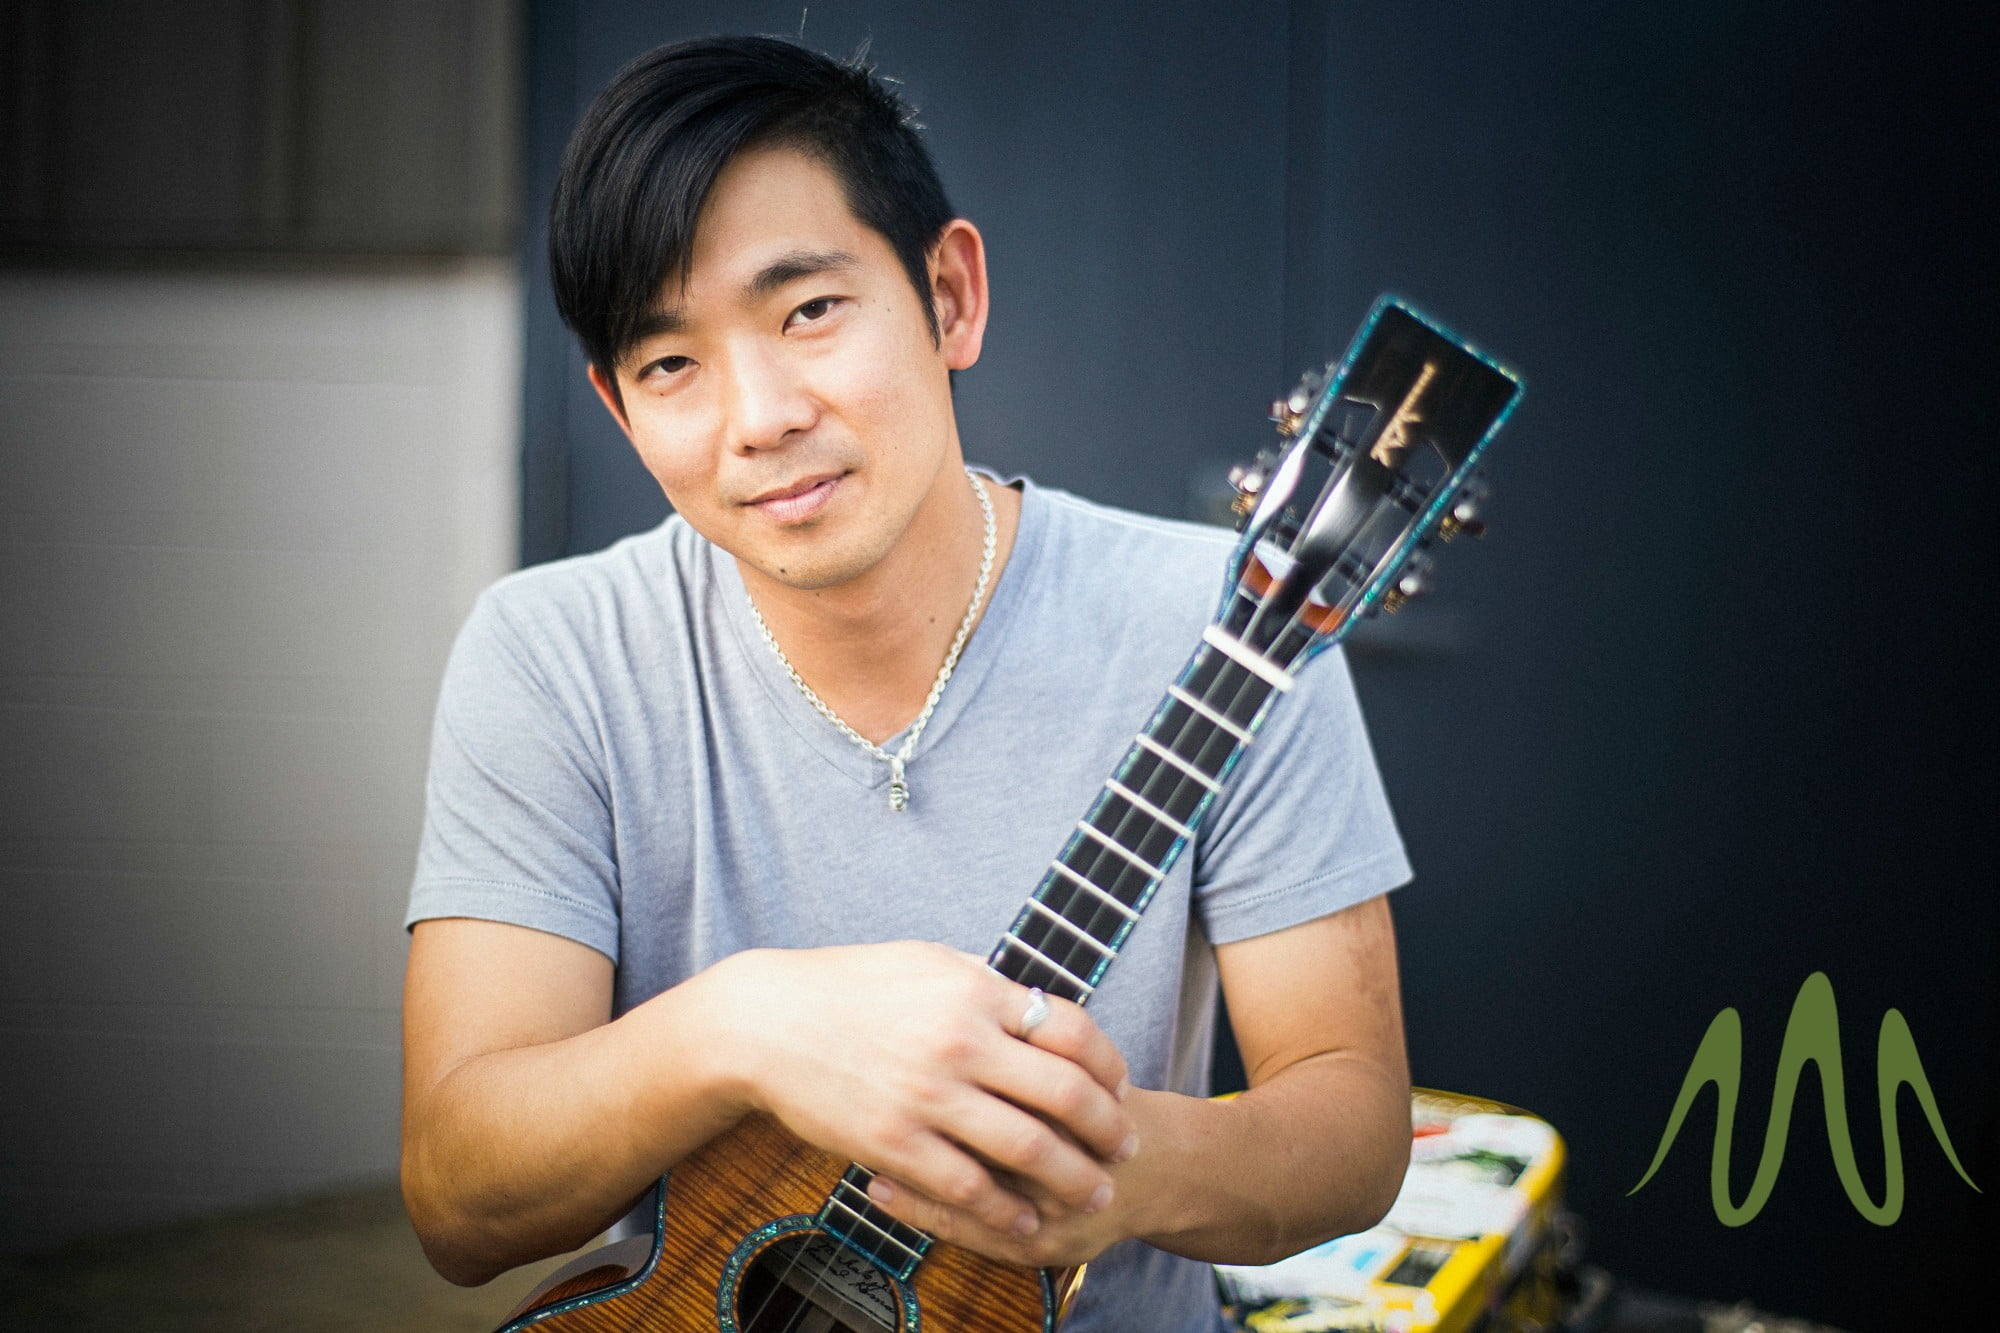 Jake Shimabukuro: My First Ukulele